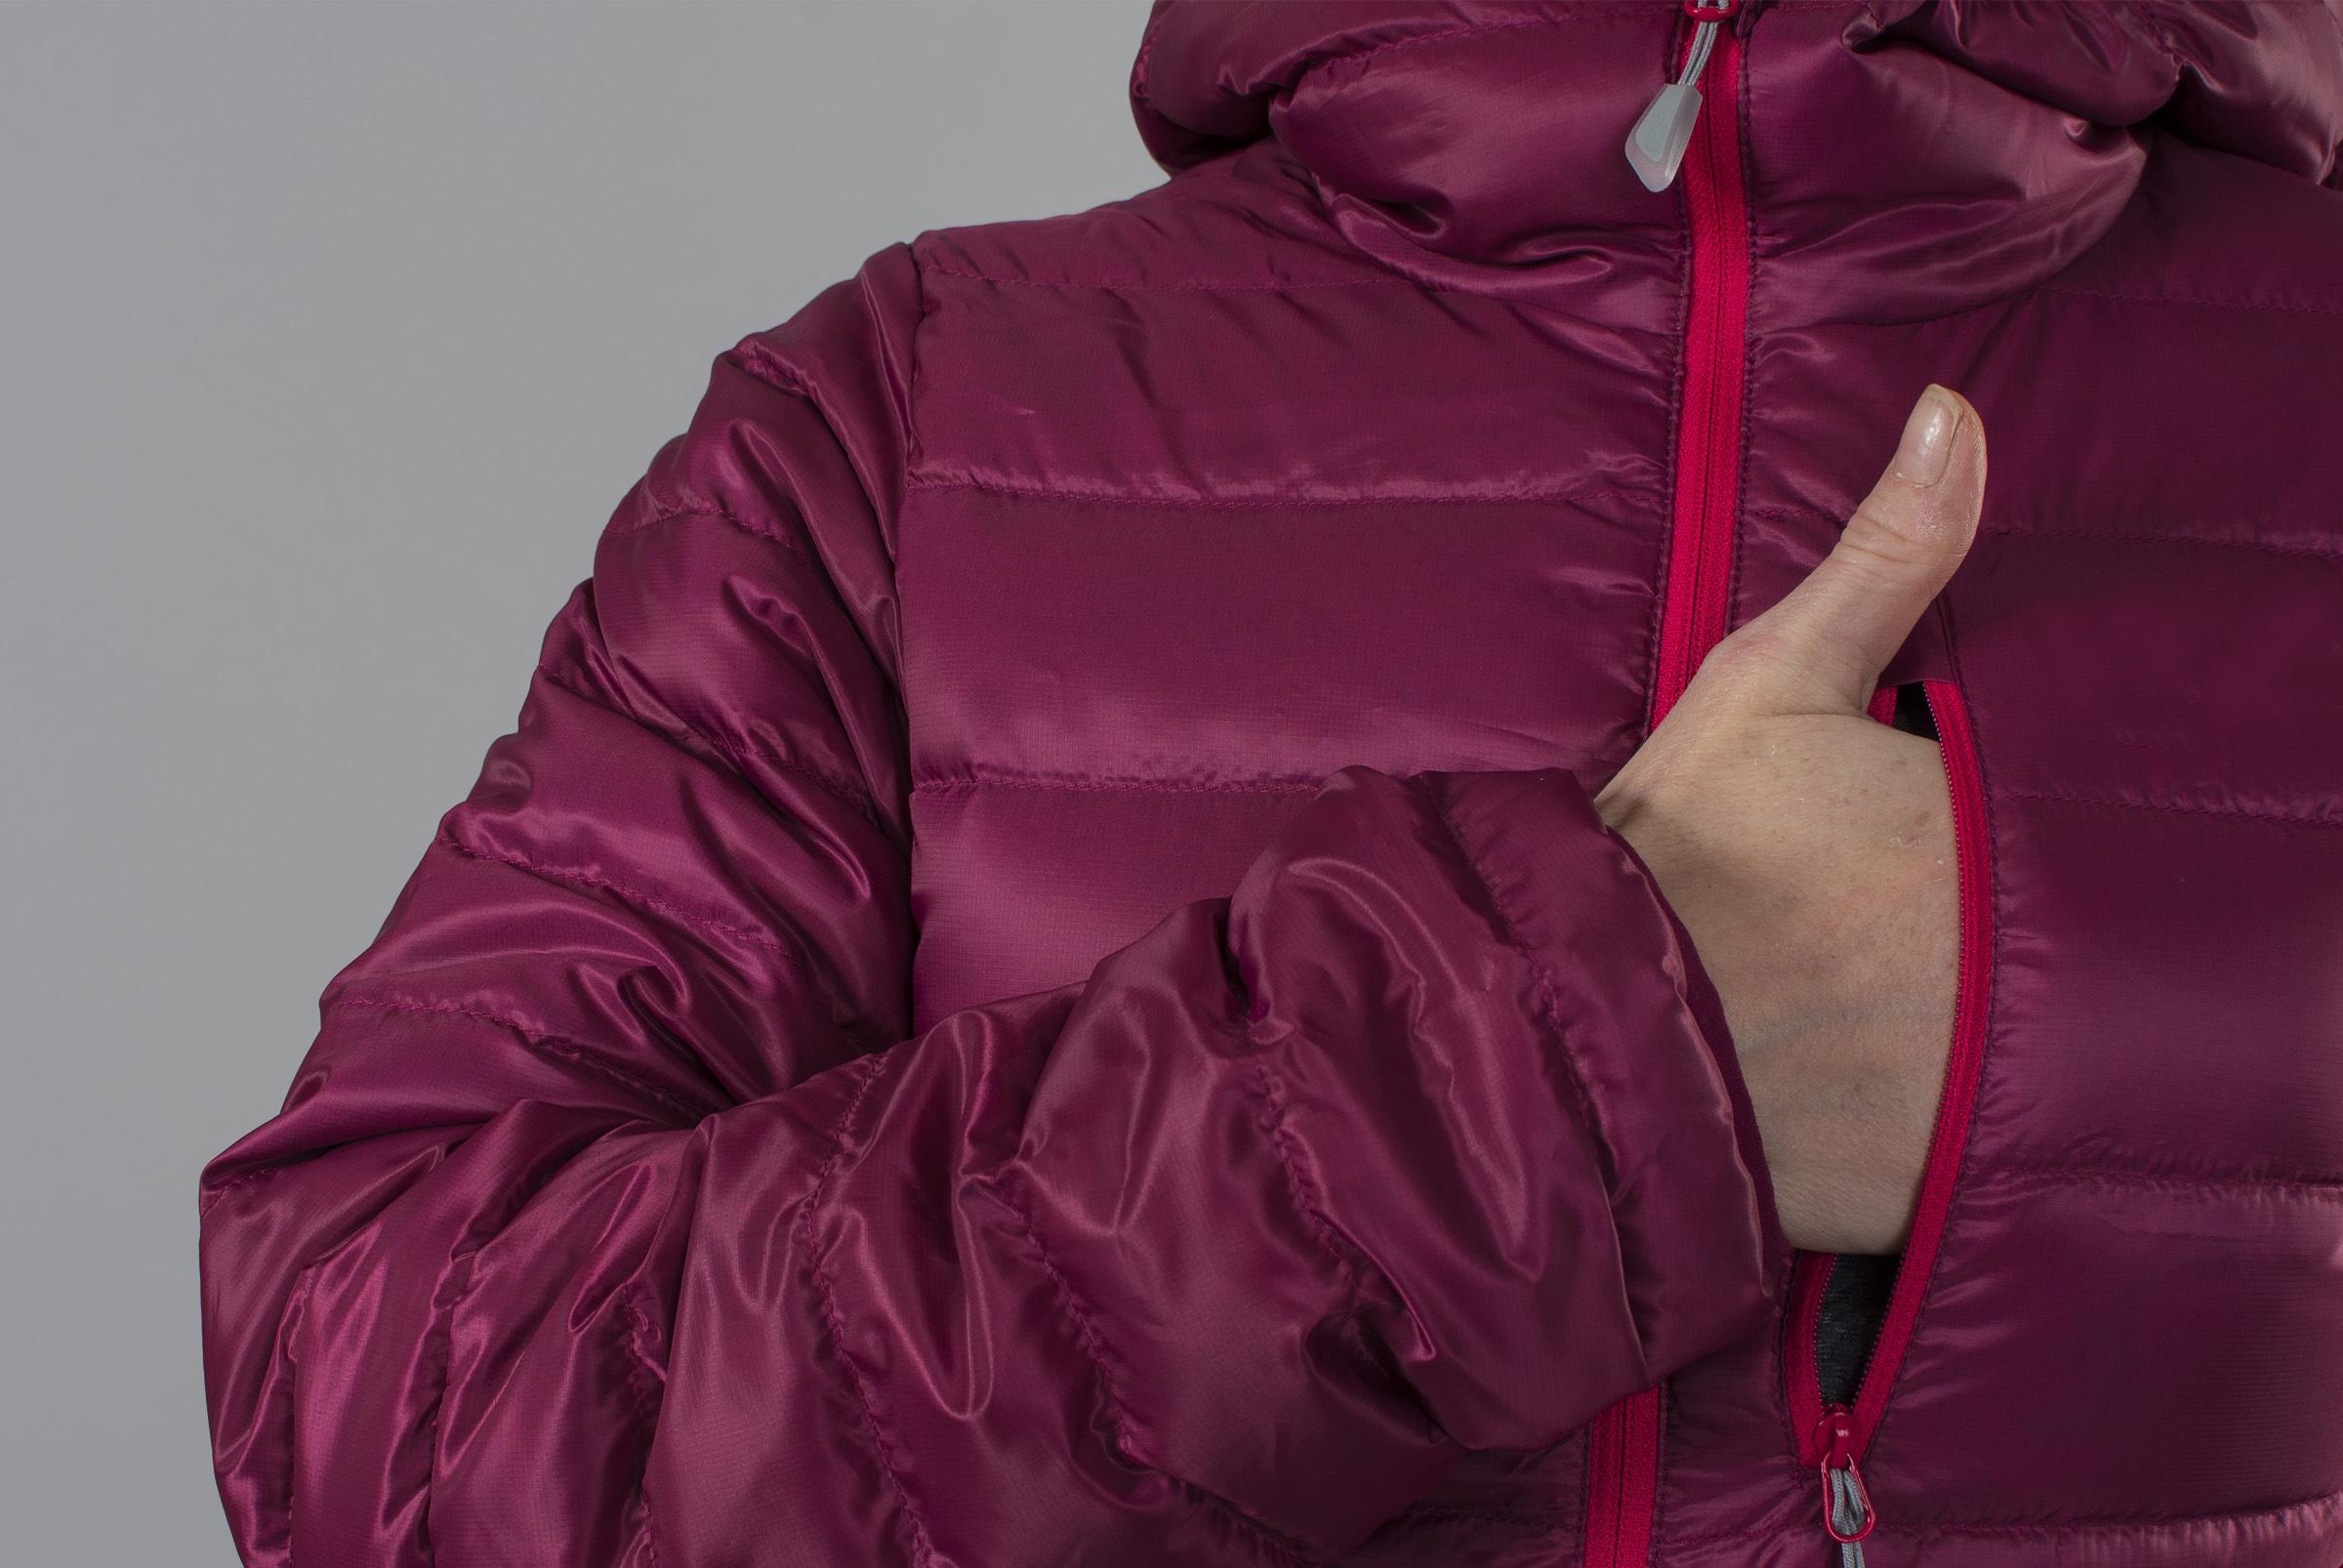 Filoment women hydrophobic hooded down jacket Manufacturers, Filoment women hydrophobic hooded down jacket Factory, Supply Filoment women hydrophobic hooded down jacket